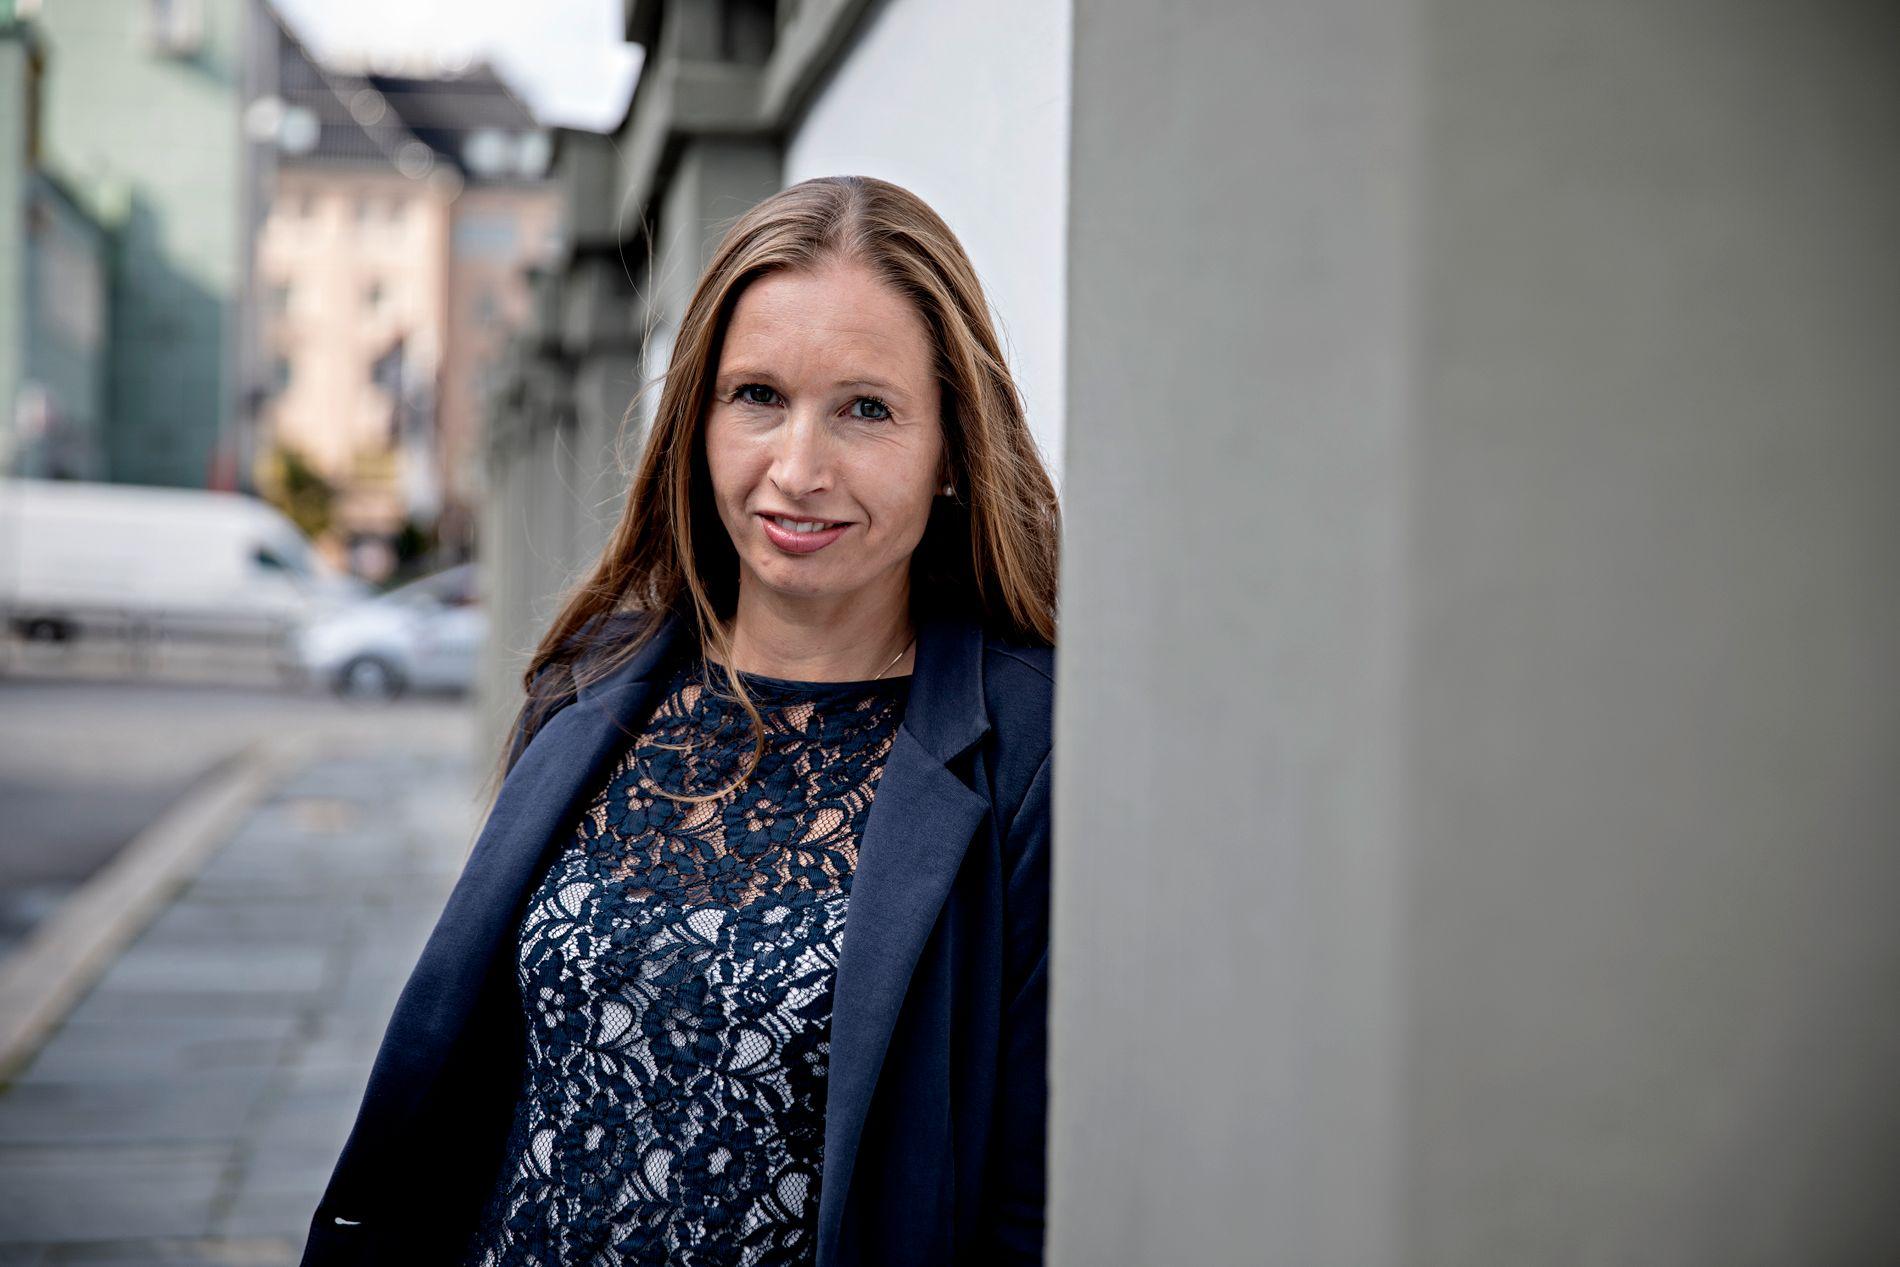 BYUTVIKLING: Vi trenger politikere som tør si nei til dem som vil holde liv i gamle synder, skriver Julie Andersland (V).